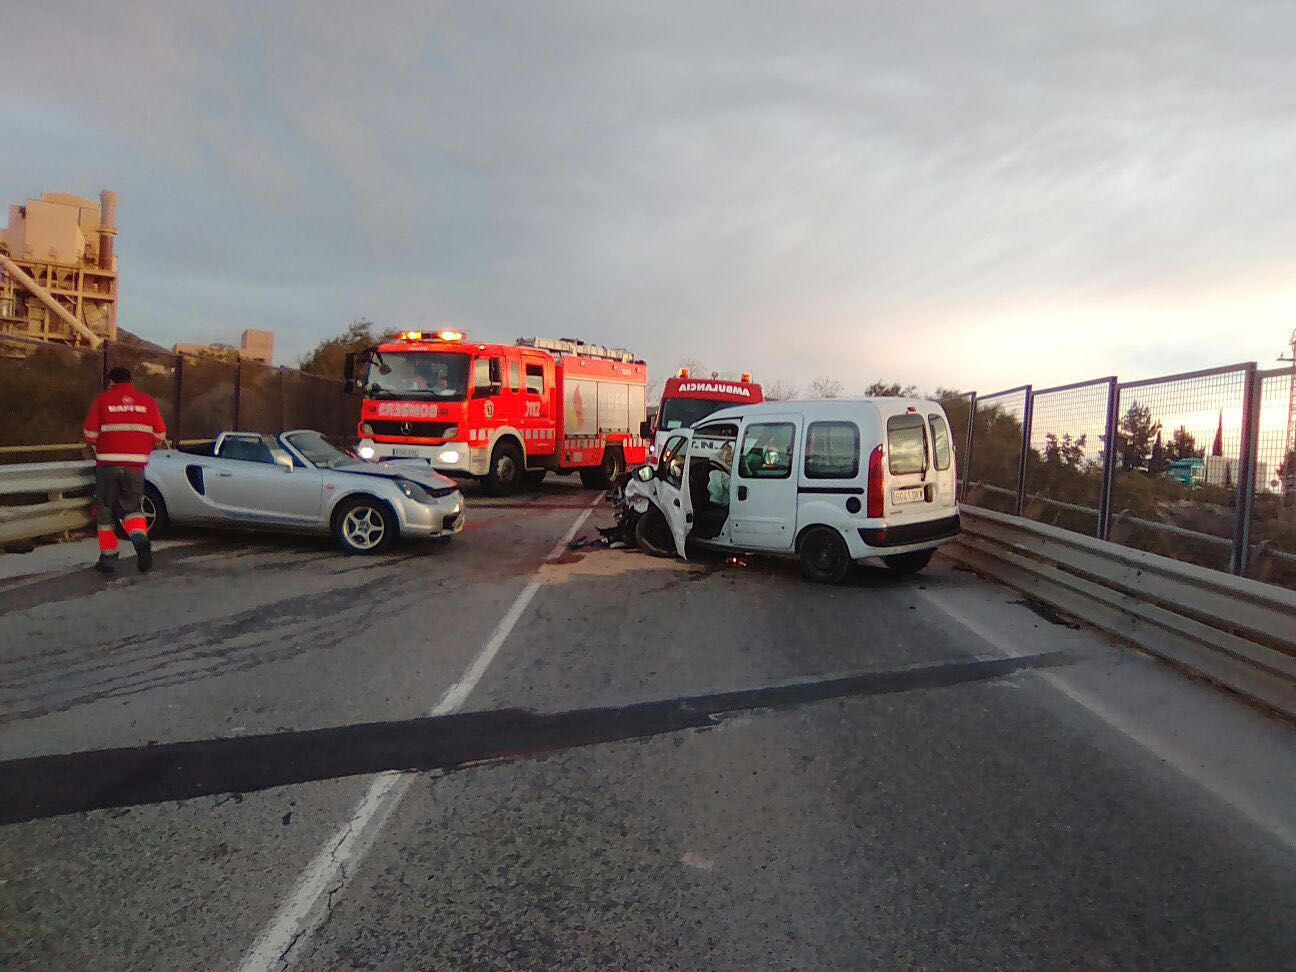 El vehículo y la furgoneta que se han visto implicadas en un accidente este viernes por la mañana en Buñol.